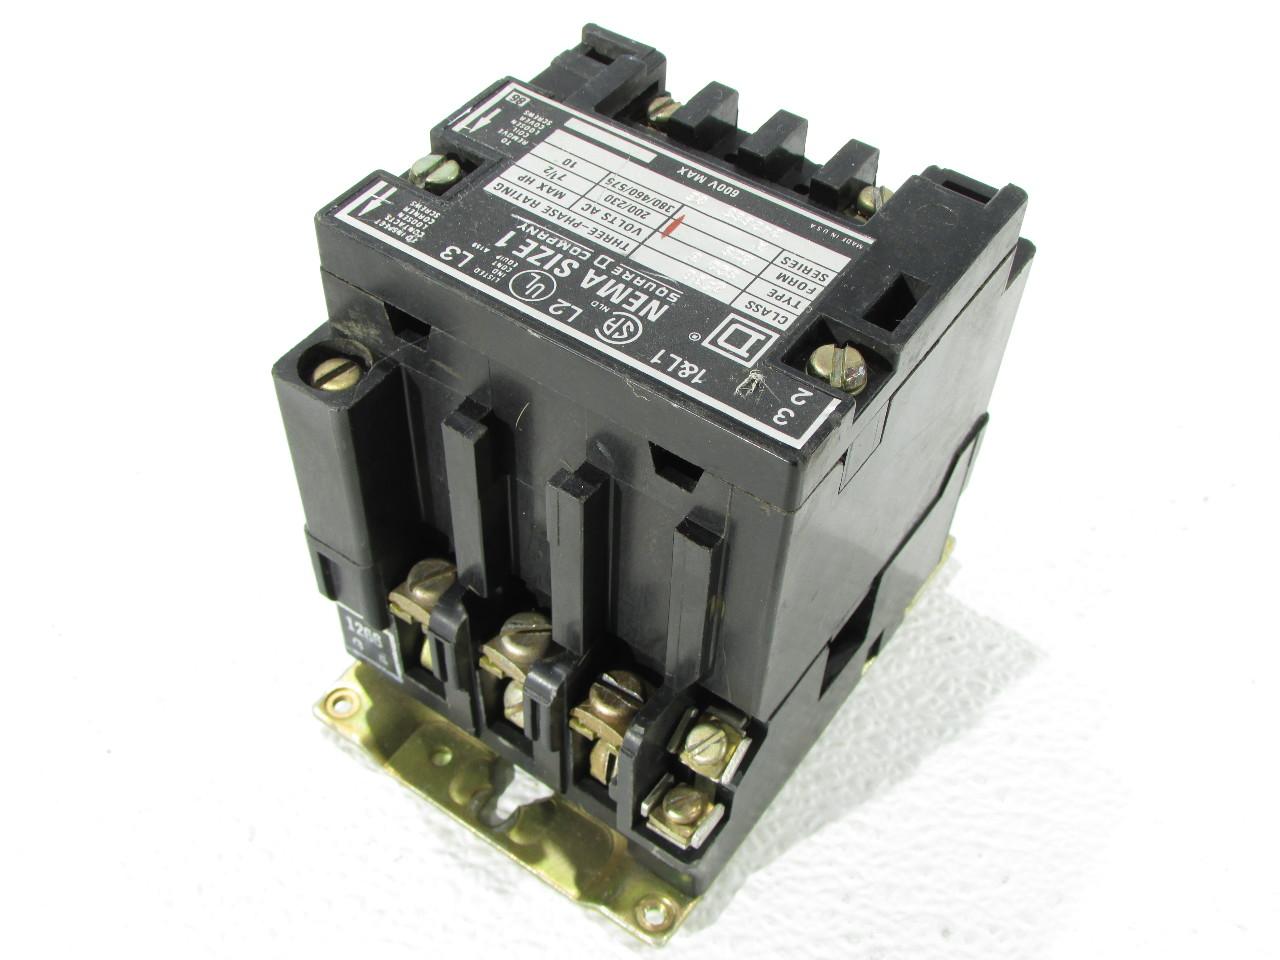 Square d nema 8536 size 1 motor starter premier for Square d motor starter